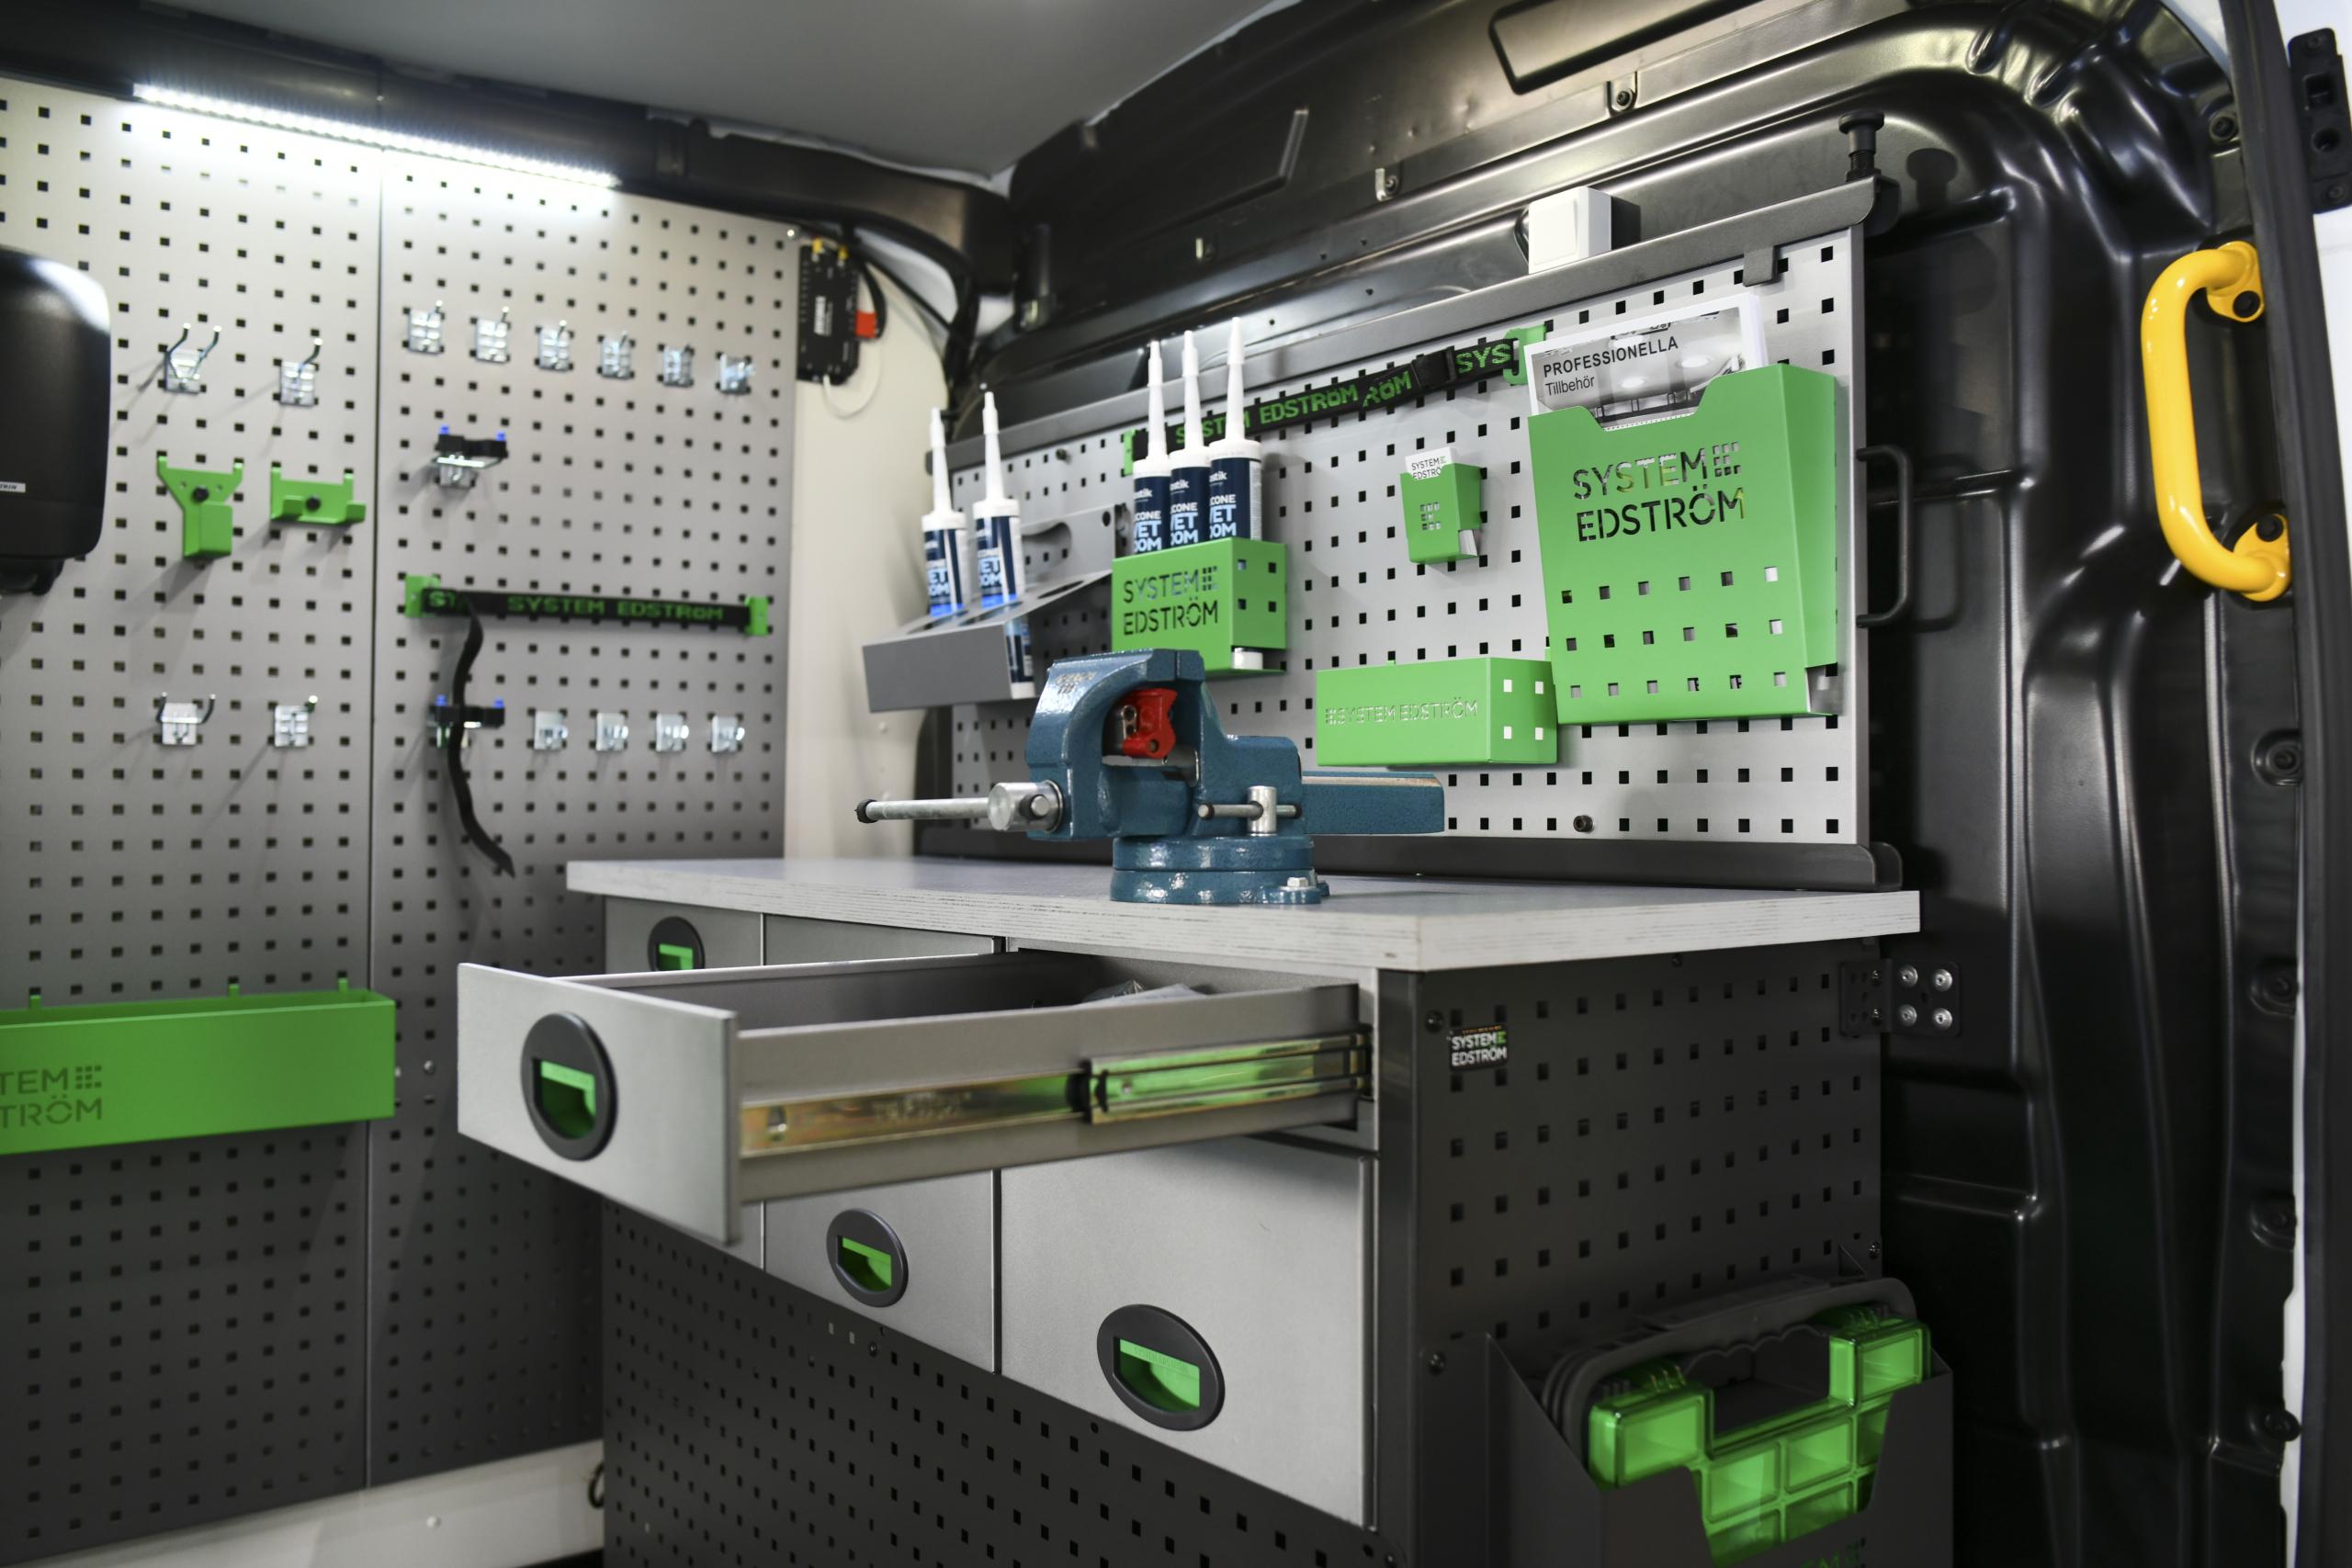 Aménagements Metallique - System Edstrom - Avalanche Aménagements Utilitaires